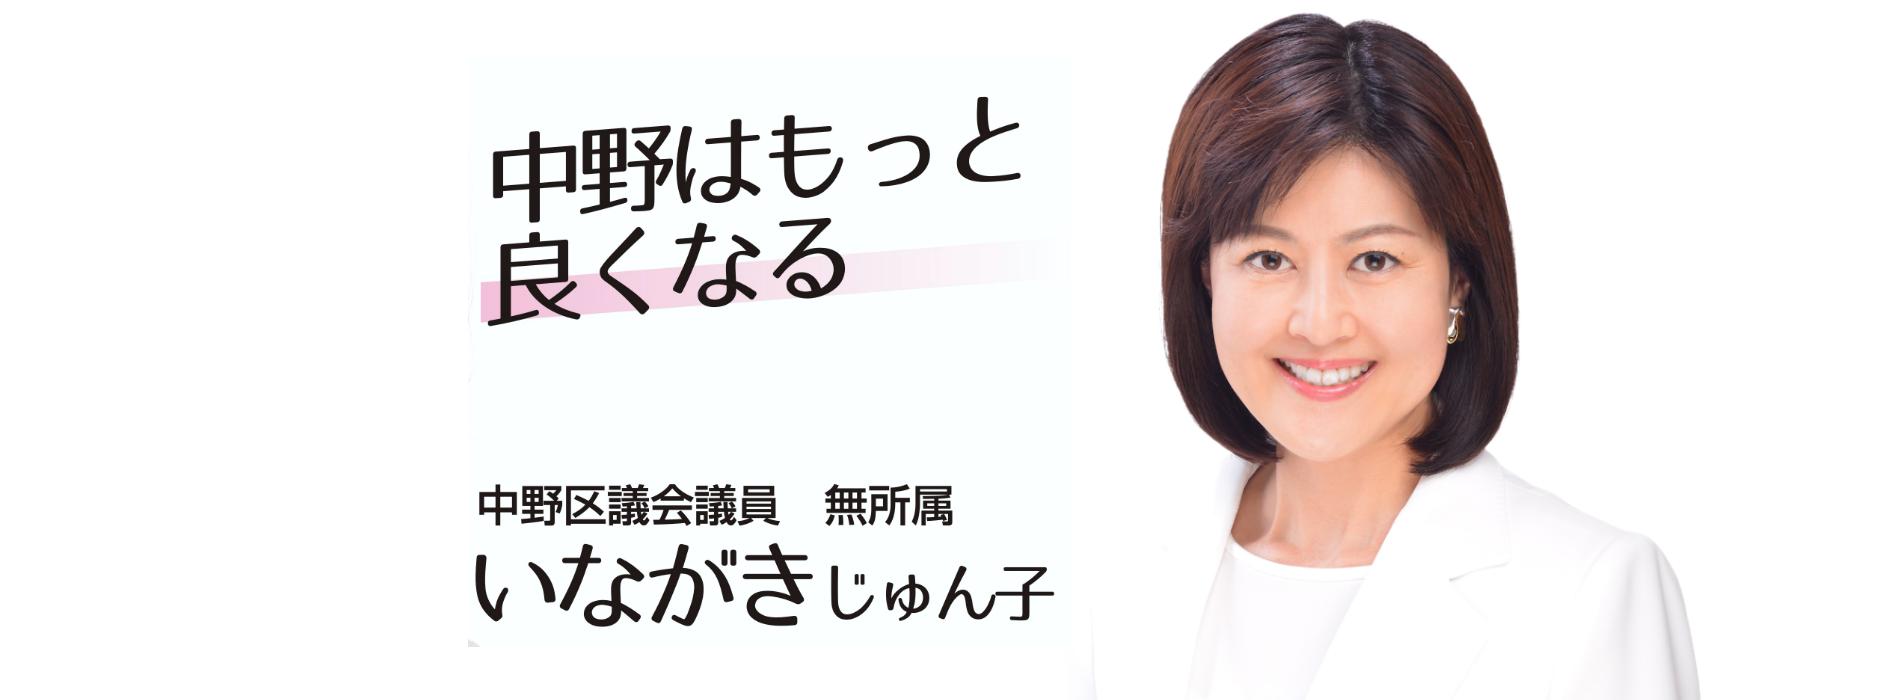 中野区議会議員 稲垣淳子 中野はもっと良くなるを